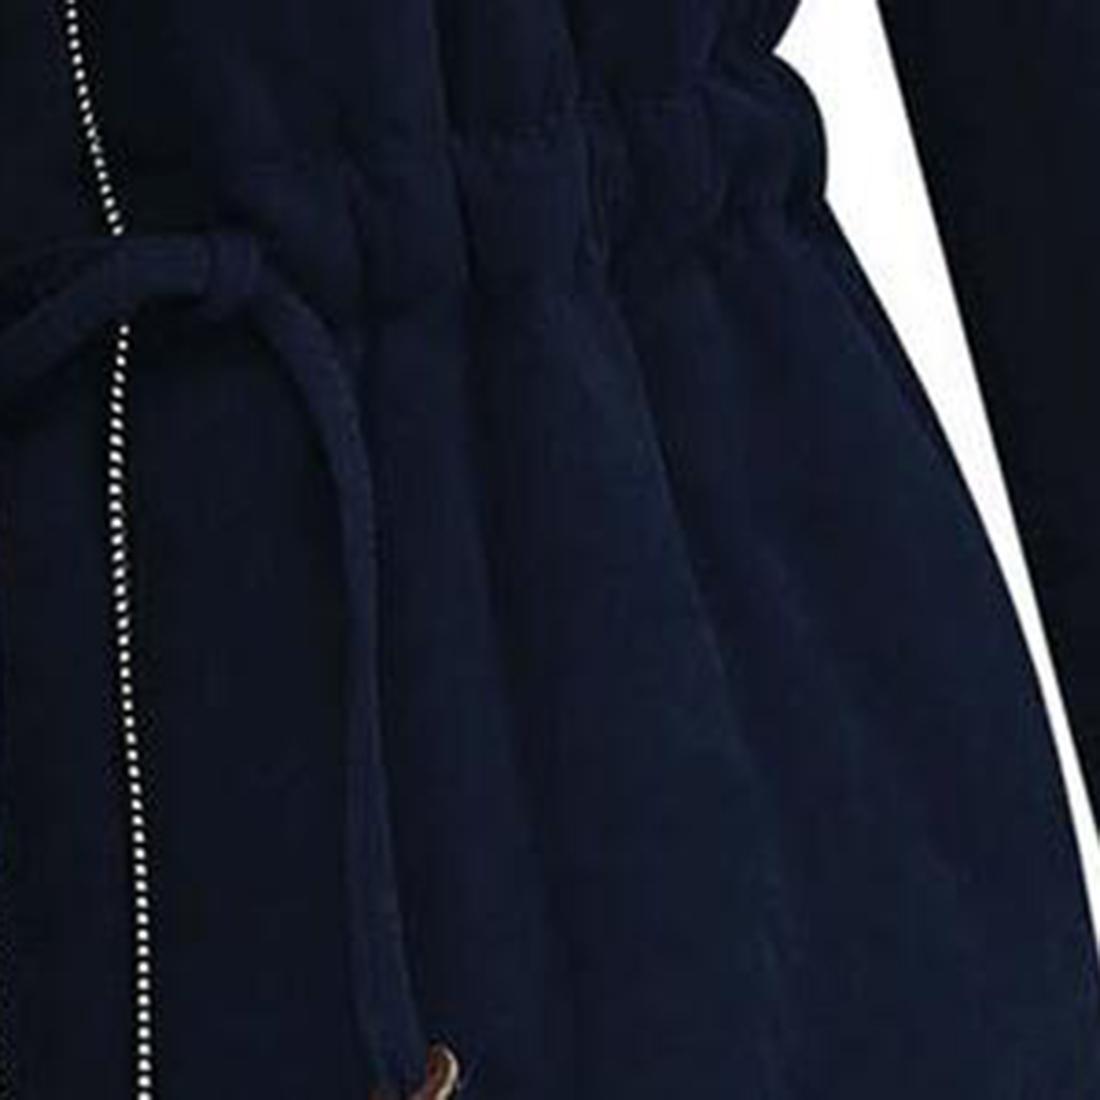 Скидки на Осень женщины Моды короткие Черный Молния Пальто 2 Стилей С шляпы теплый Повседневные Куртки женские Короткие Дизайн Горячий Парень Бесплатная доставка